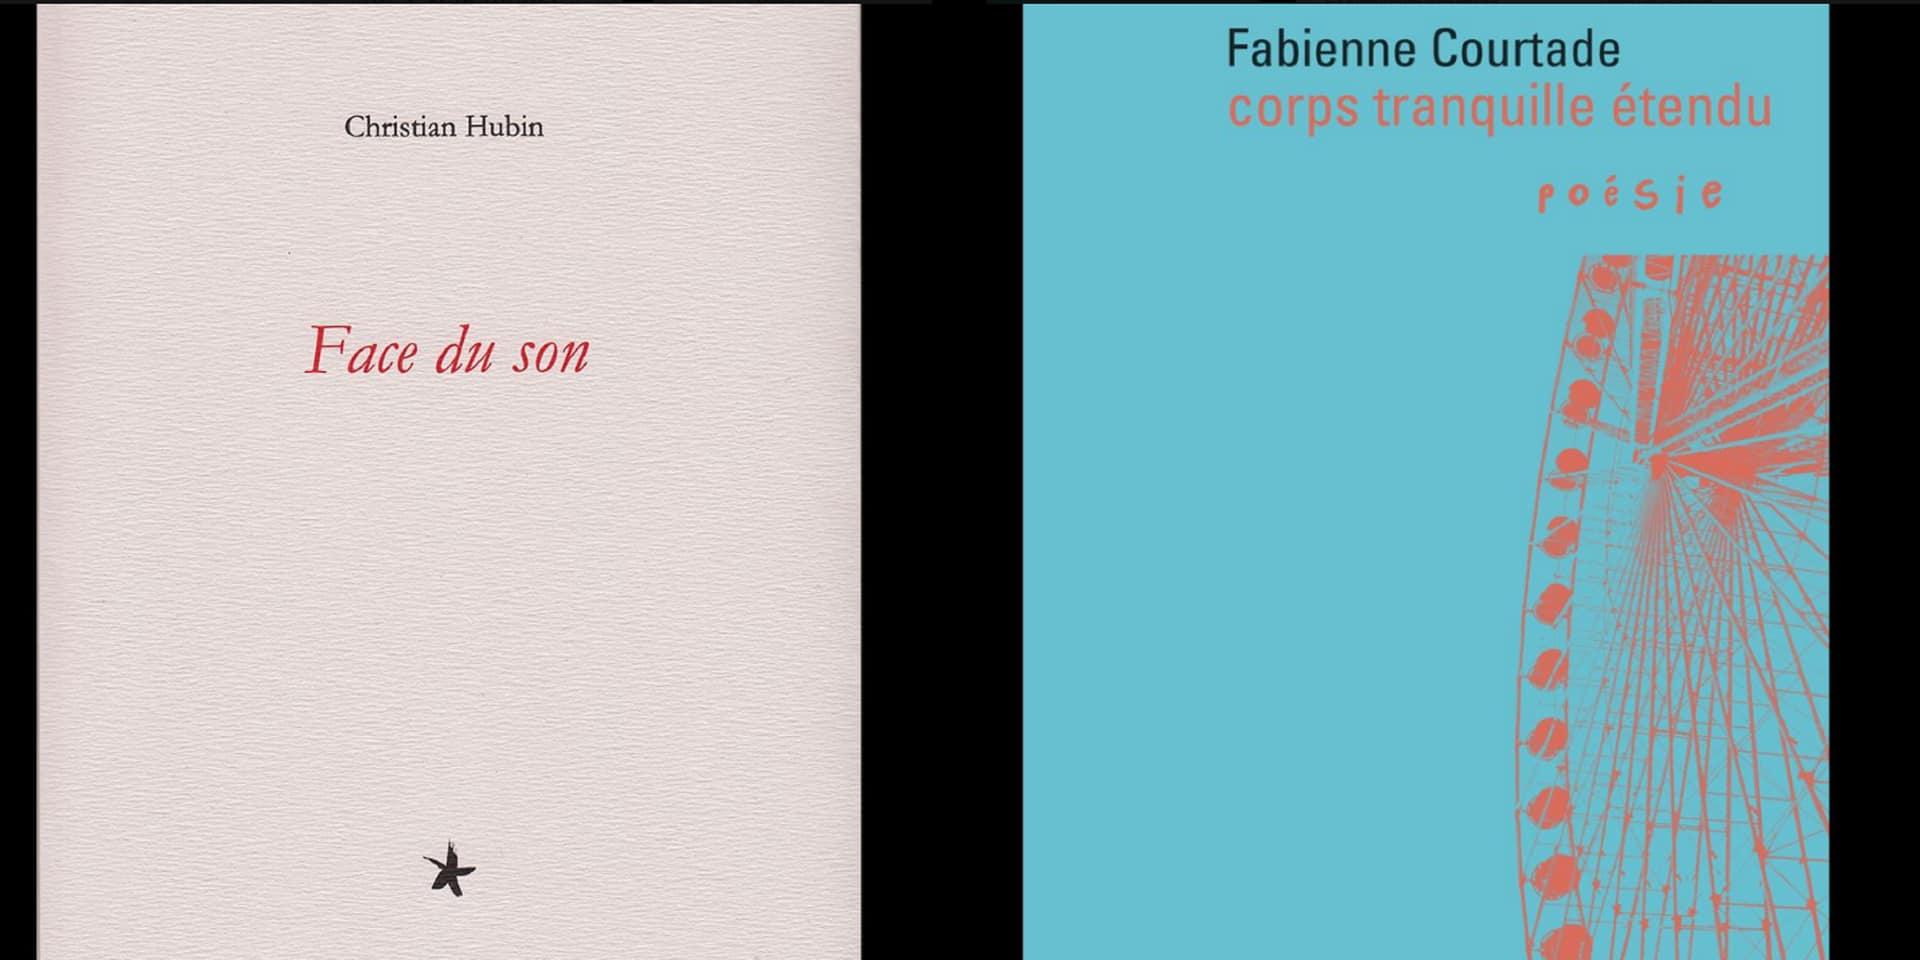 Les lauréats du Prix de poésie Louise Labé, dont le belge Christian Hubin, honorés à Paris